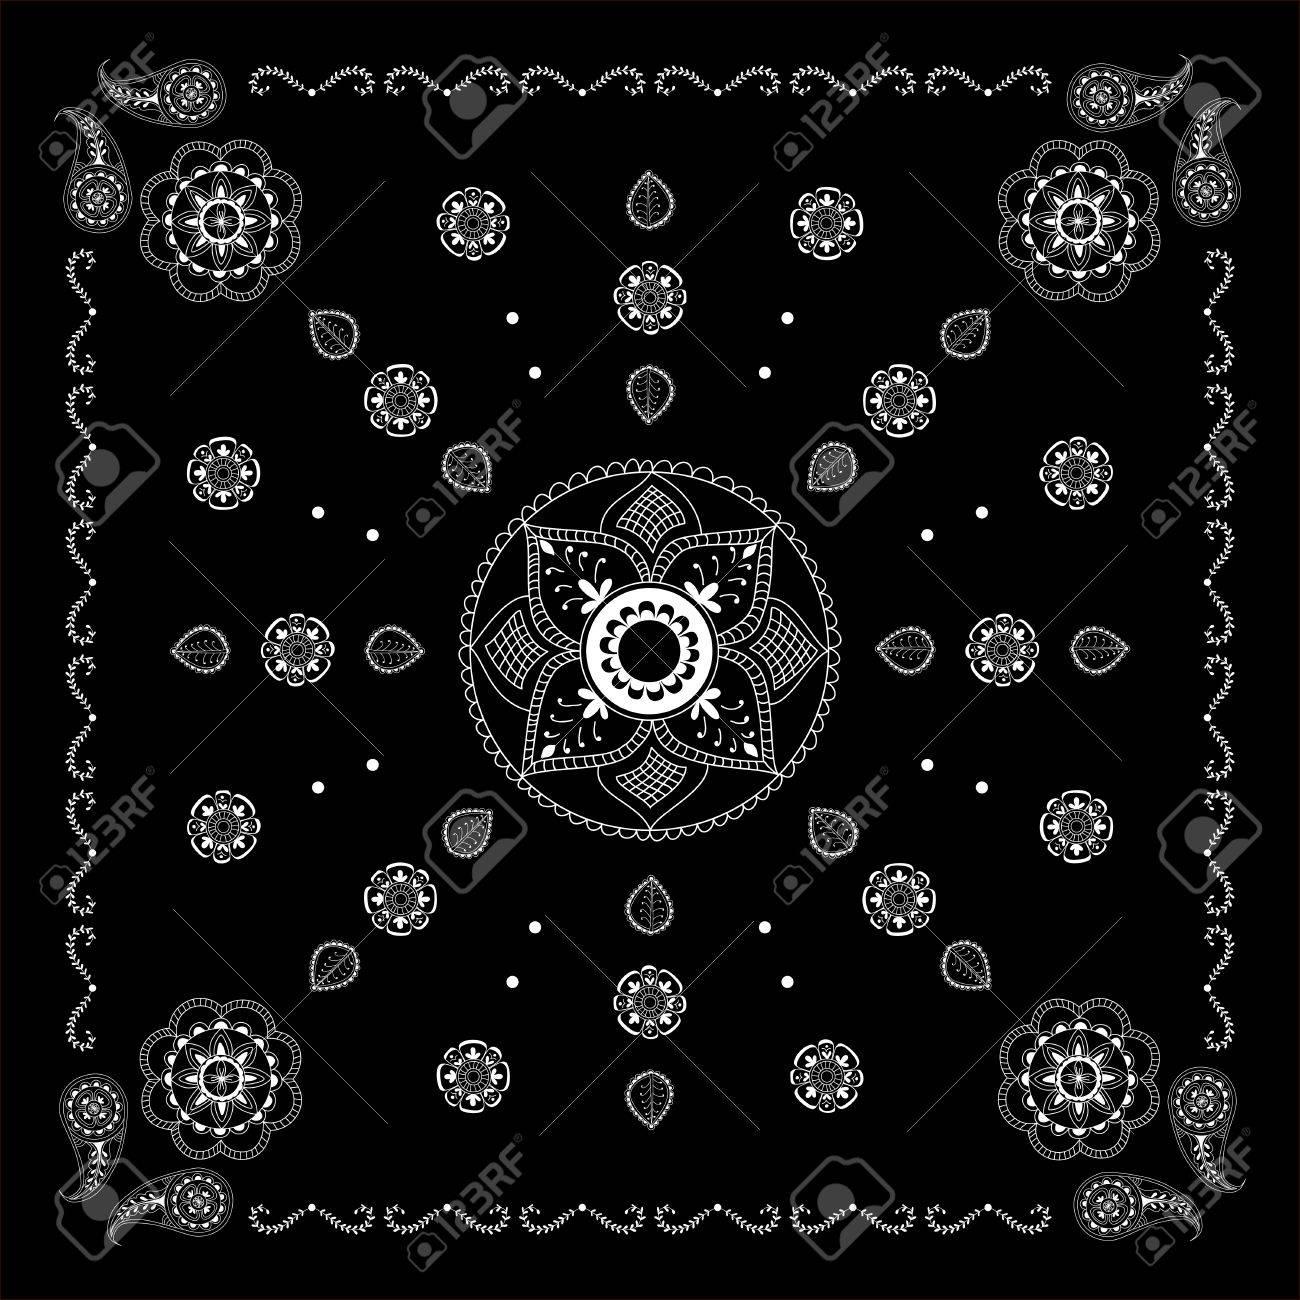 e6f896385e74 Banque d images - Noir et blanc abstrait imprimé bandana avec le style  élément de henné. Mouchoir conception de modèle carré. Conception pour  foulard de ...